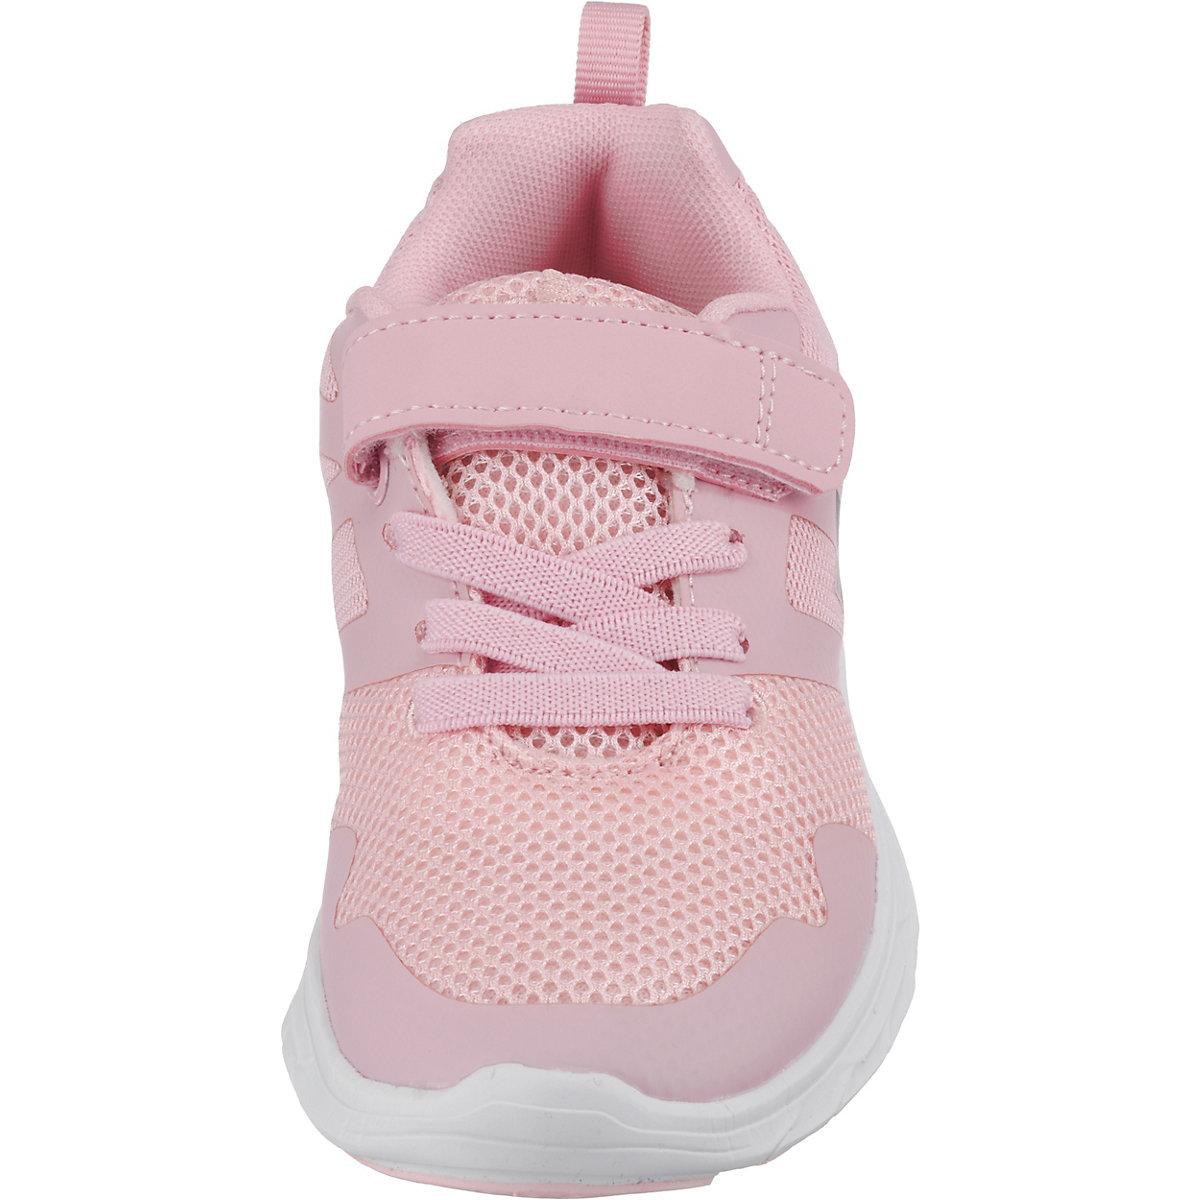 Neu werden Sneakers Low Napier für Mädchen, LICO   q4w4H